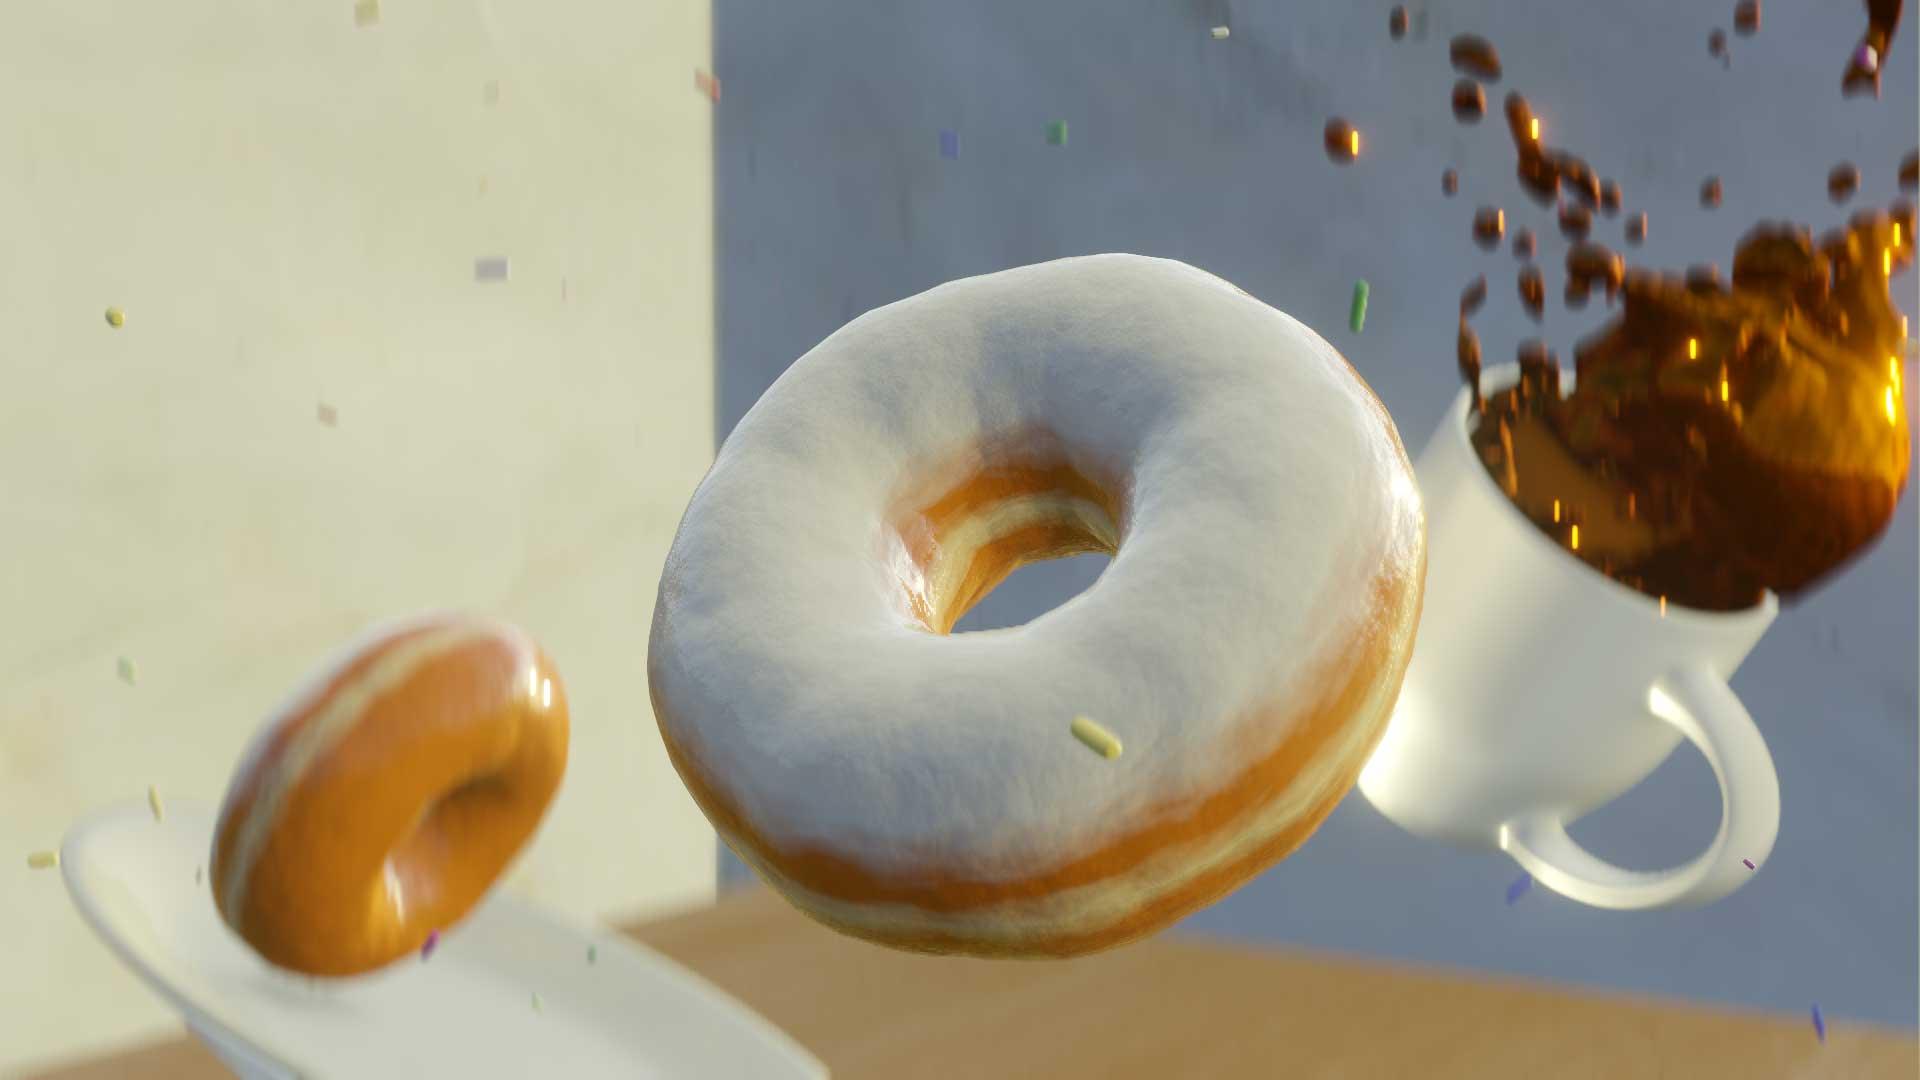 Doughnut-scene_V2.jpg